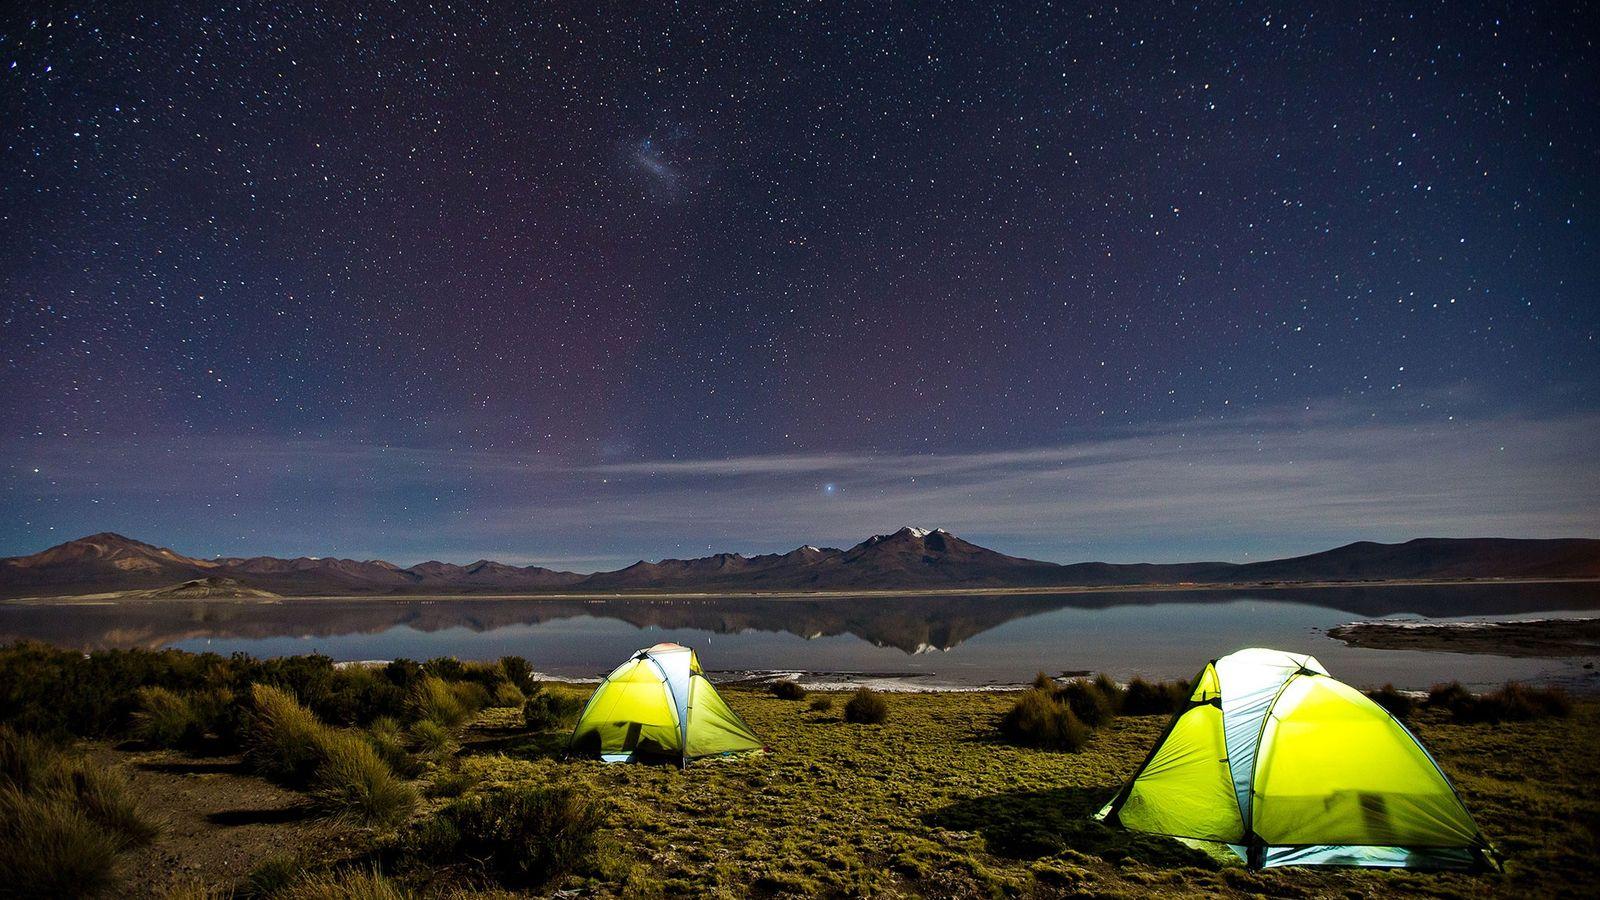 Duas tendas iluminadas sob um céu estrelado em Salar de Surire